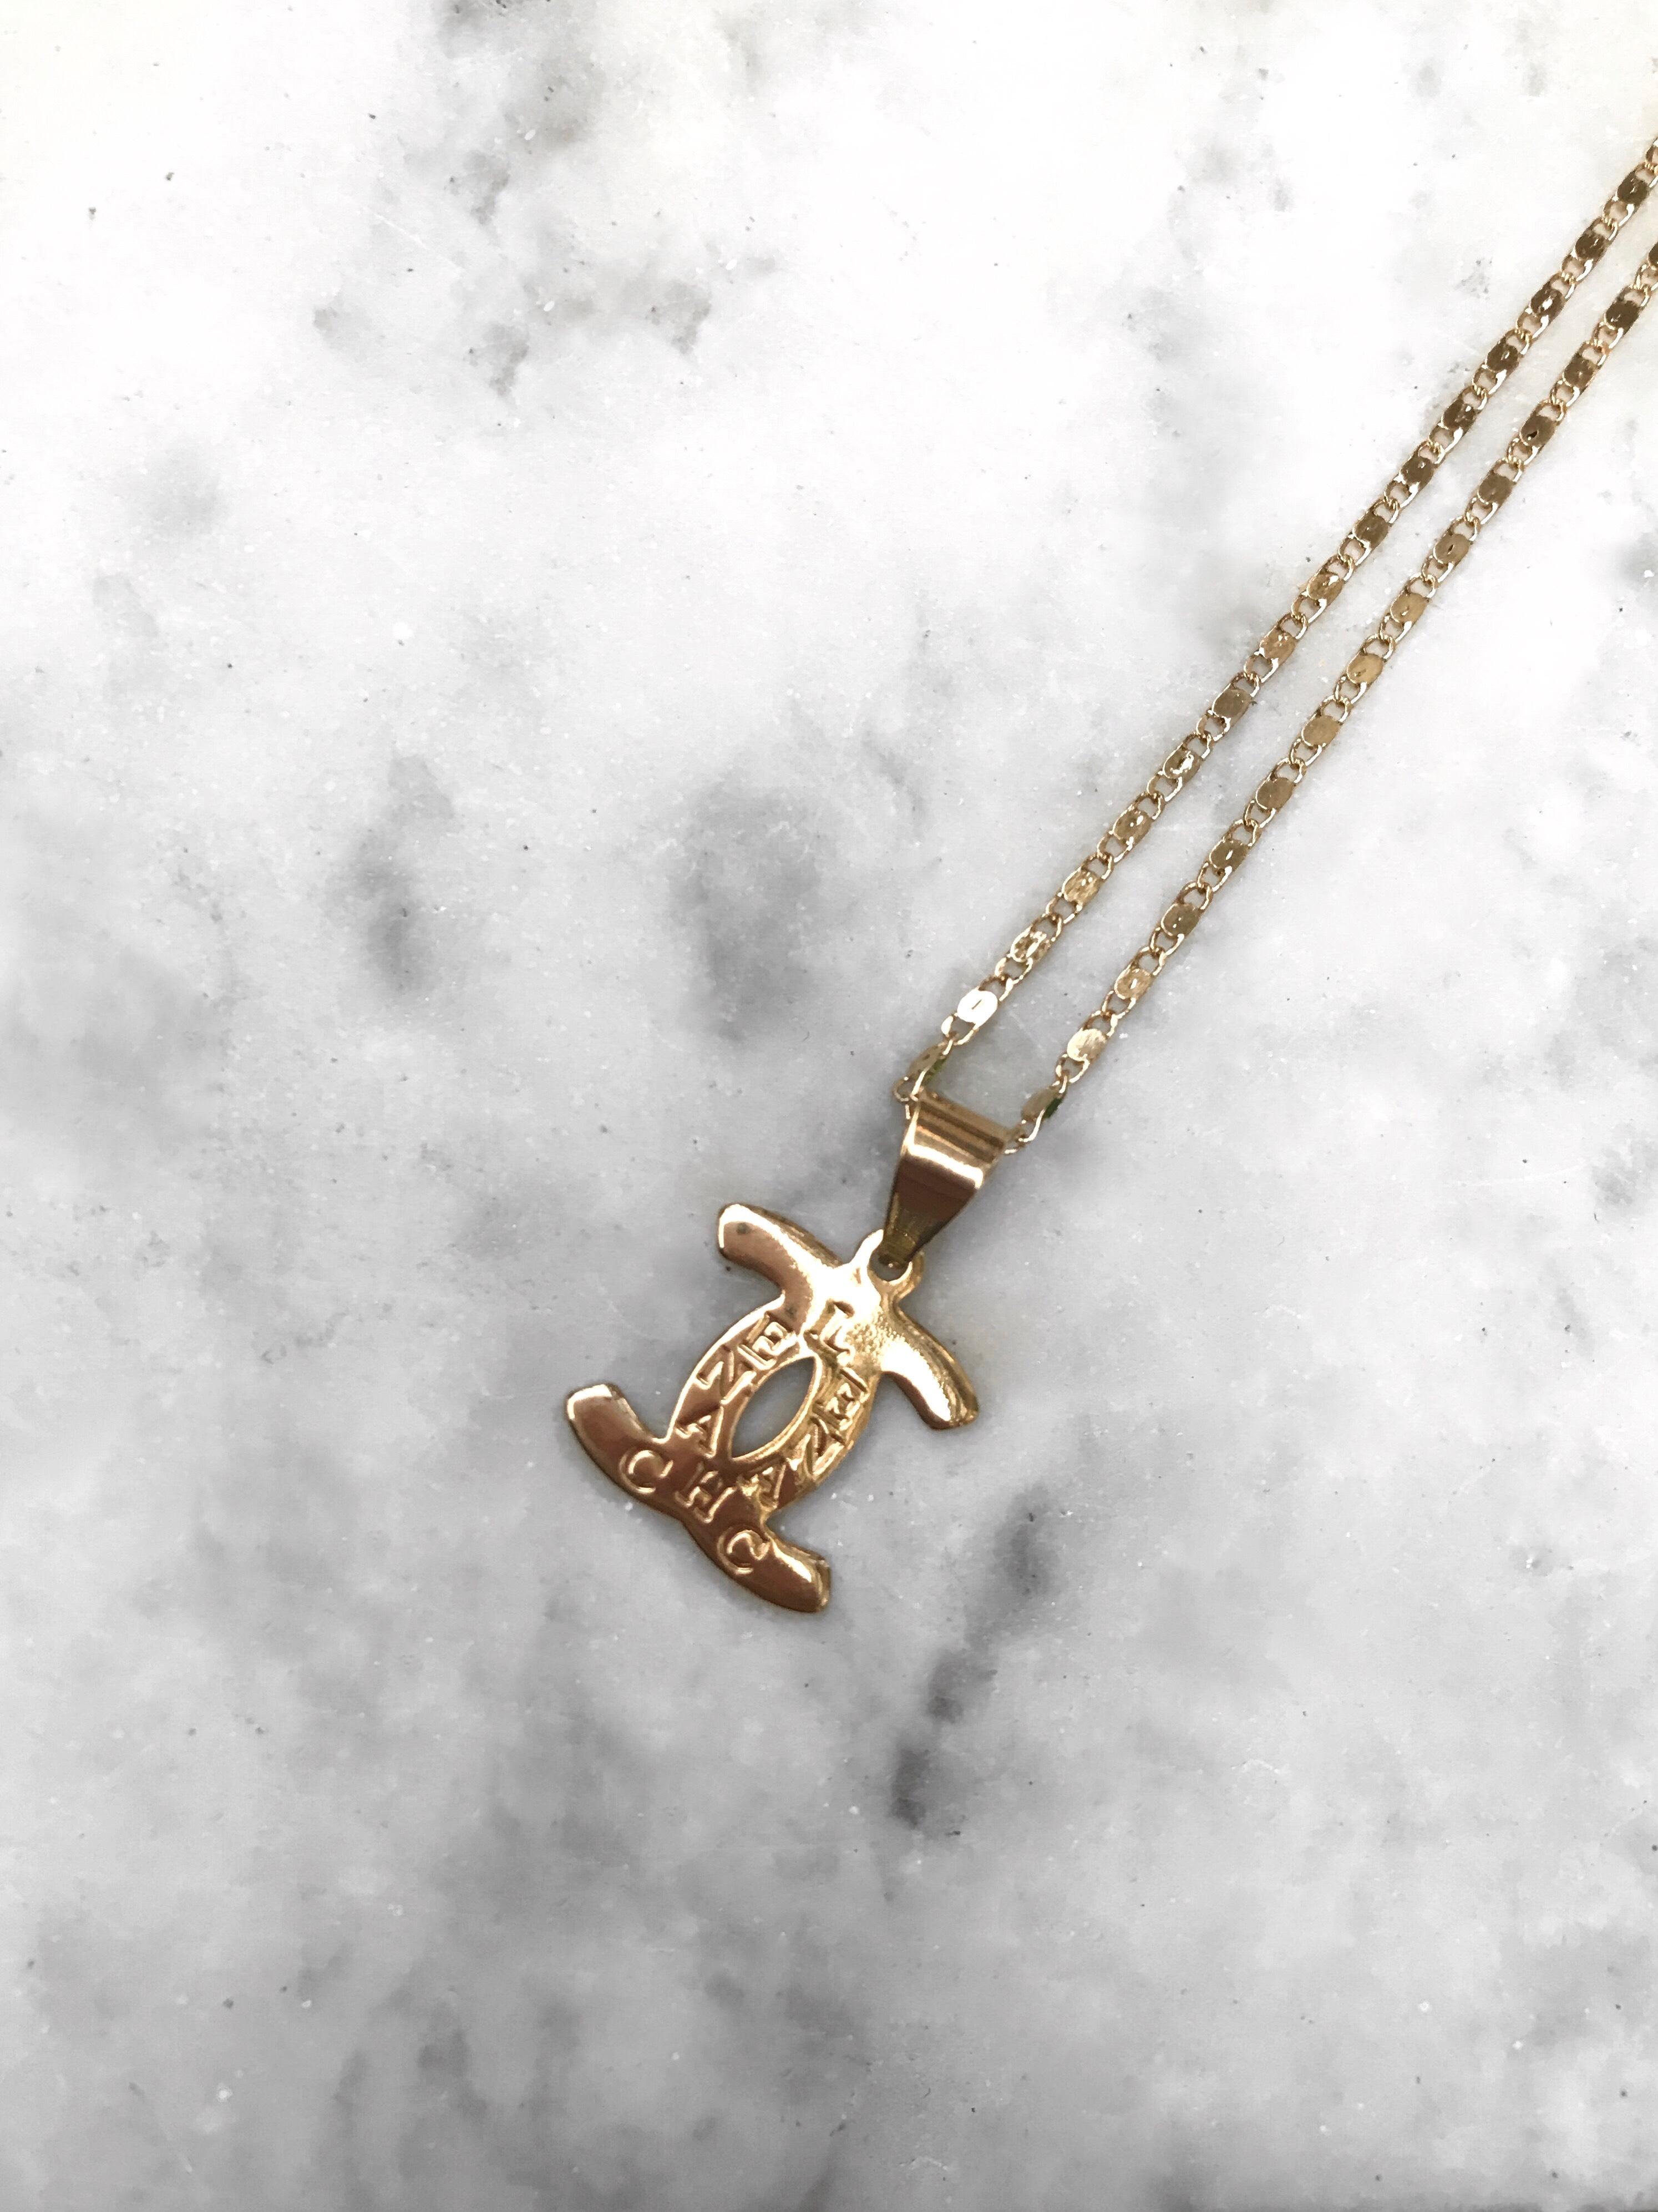 Og chanel necklace lheureux jewels og chanel necklace aloadofball Images